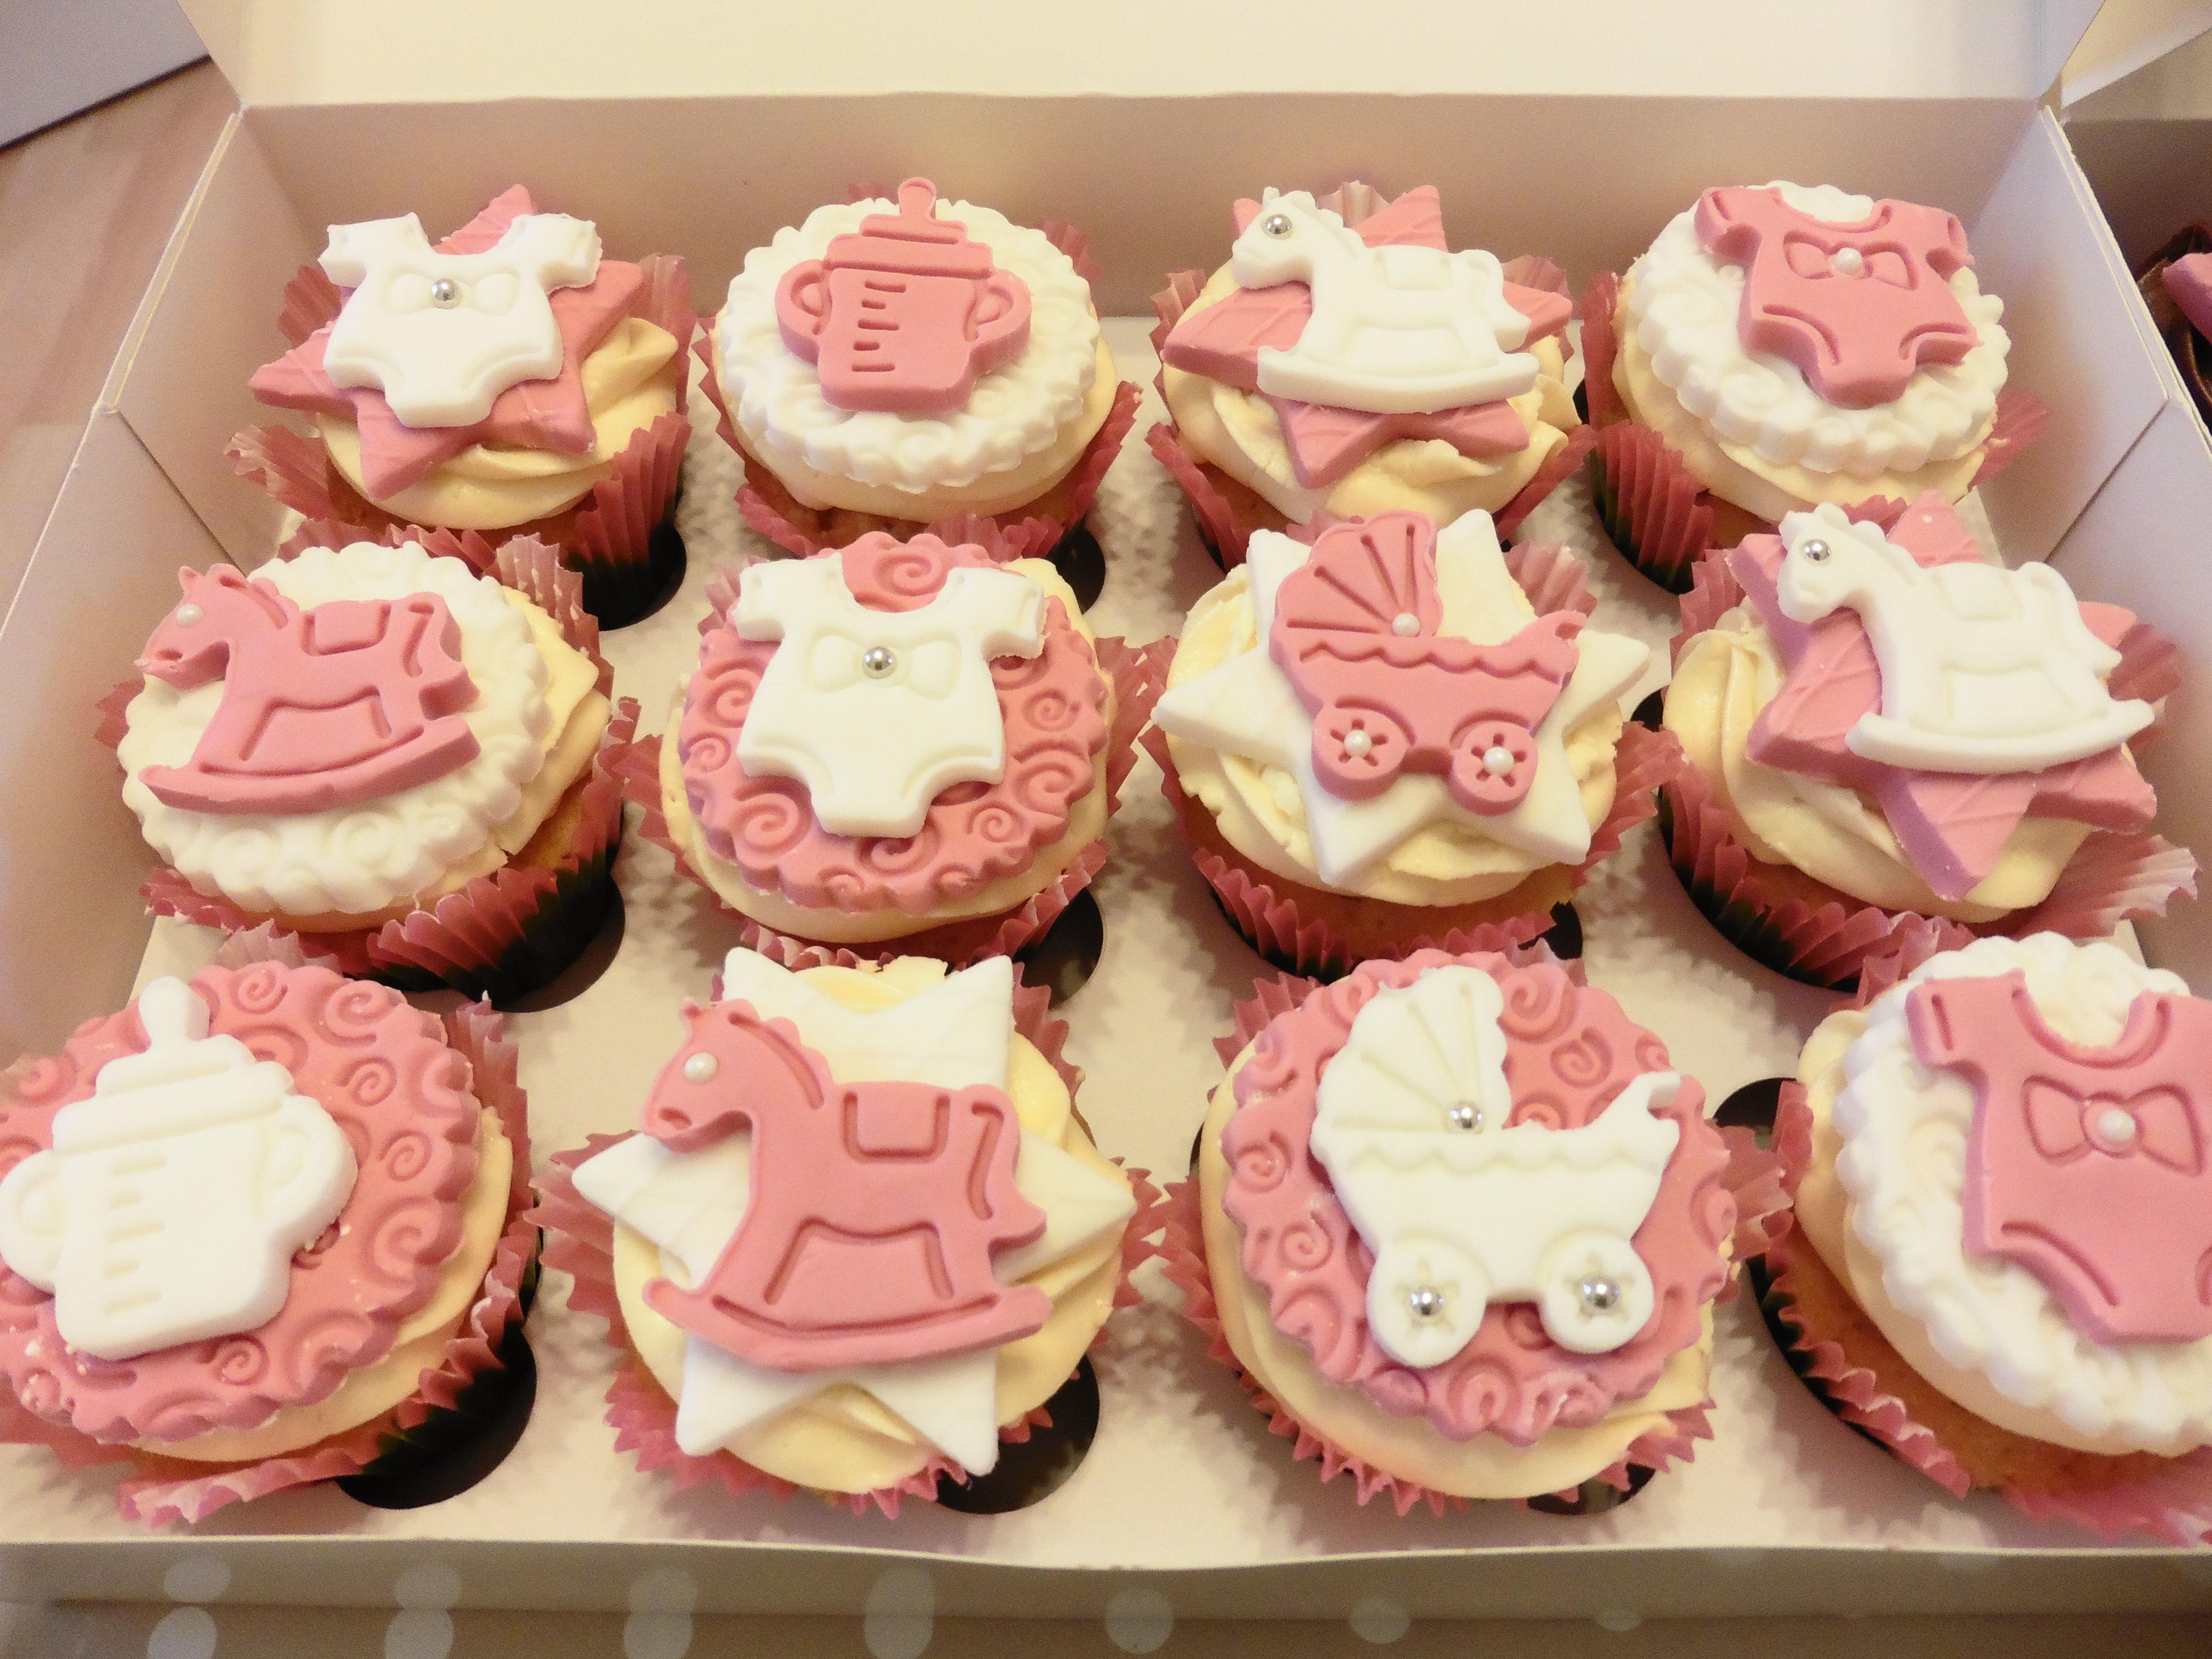 Baby Shower Cupcakes  Baby Shower Cupcakes recipe – All recipes Australia NZ